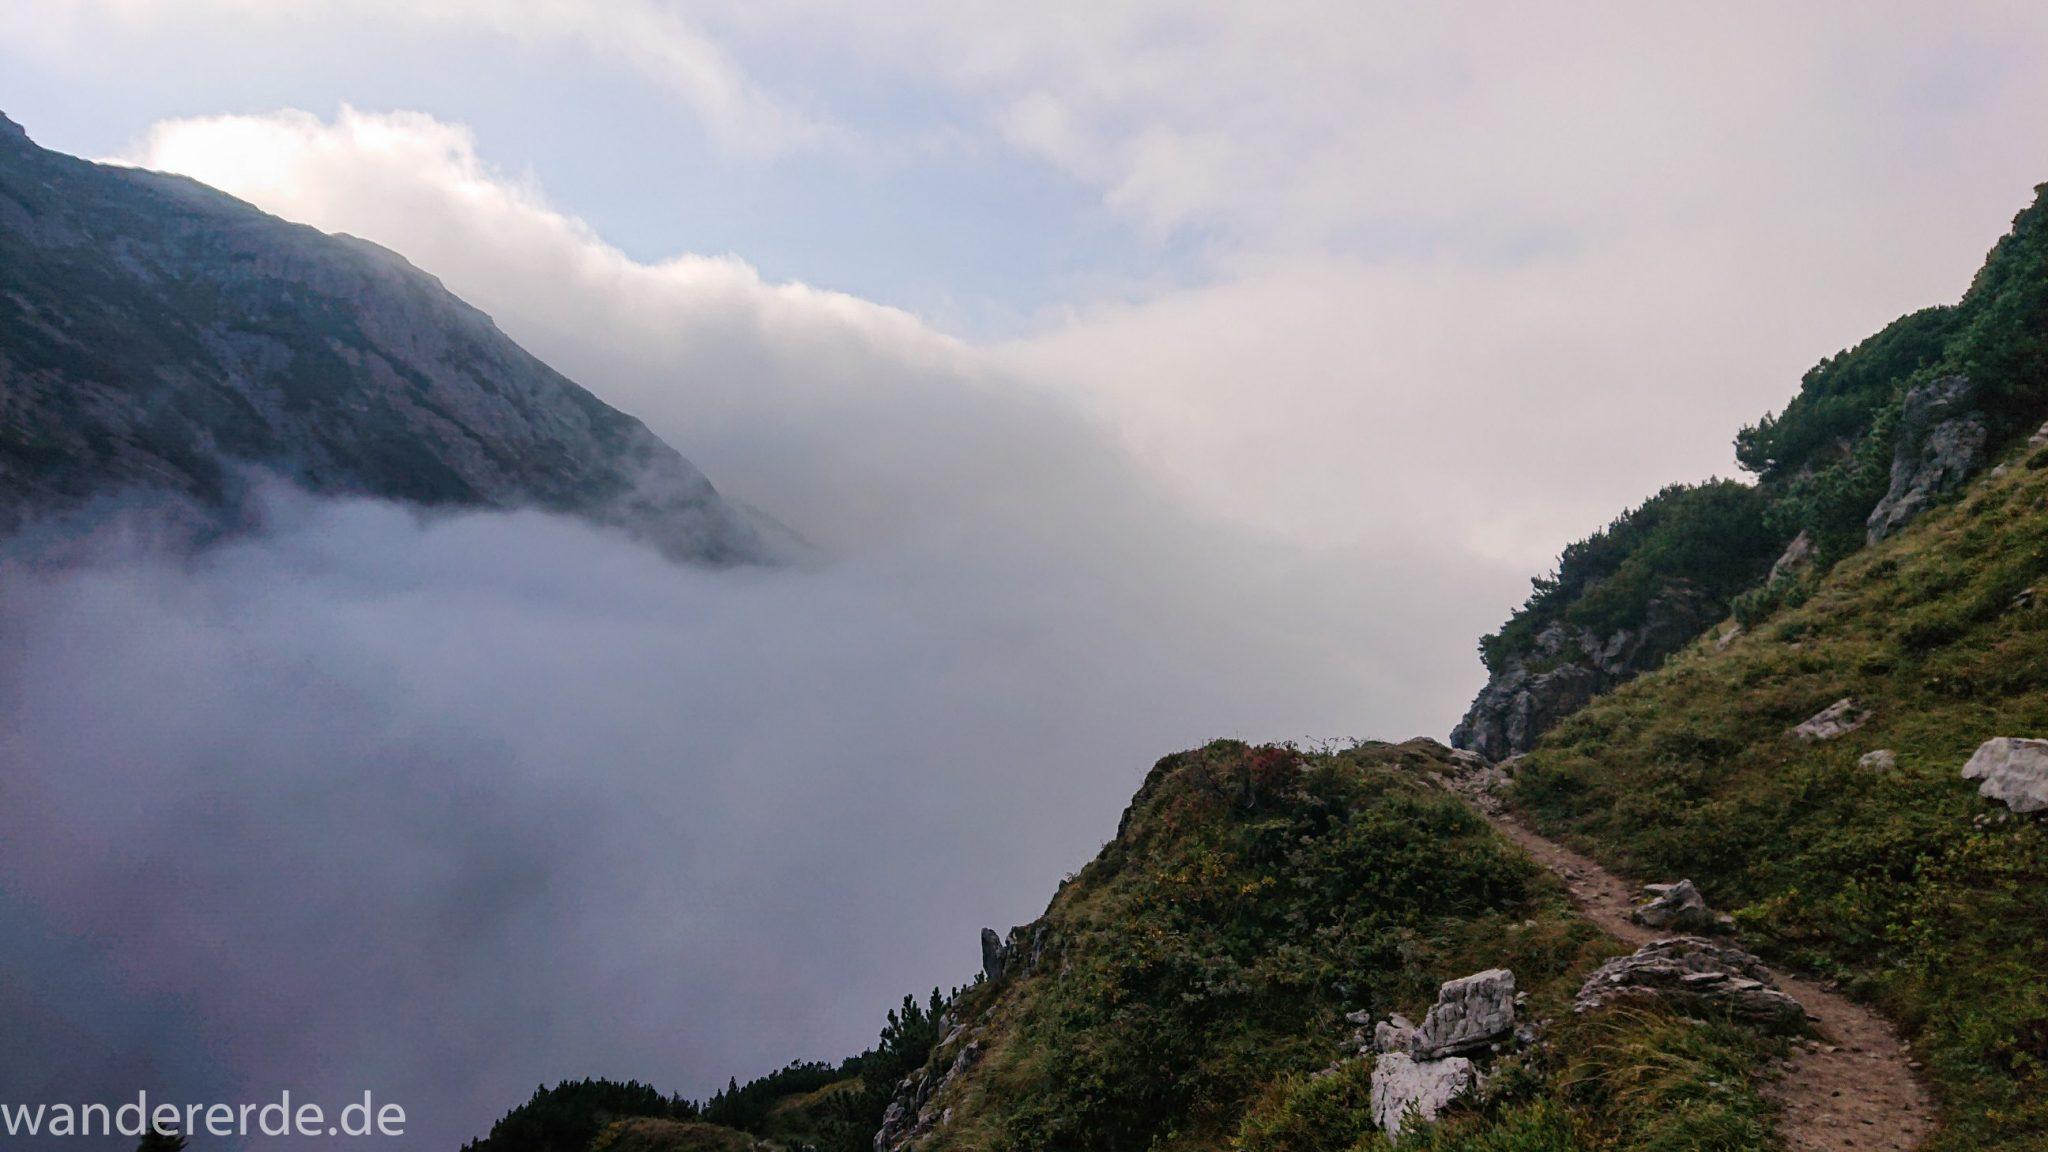 Alpenüberquerung Fernwanderweg E5 Oberstdorf Meran, 2. Etappe von Kemptner Hütte zur Memminger Hütte, schöner, schmaler Wanderweg in der Nähe vom Mädelejoch, umliegende Berge in Wolken gehüllt, Berggipfel nicht sichtbar, Wanderung mit eingeschränkter Sicht wegen Nebel, beeindruckende Landschaft in den Bergen